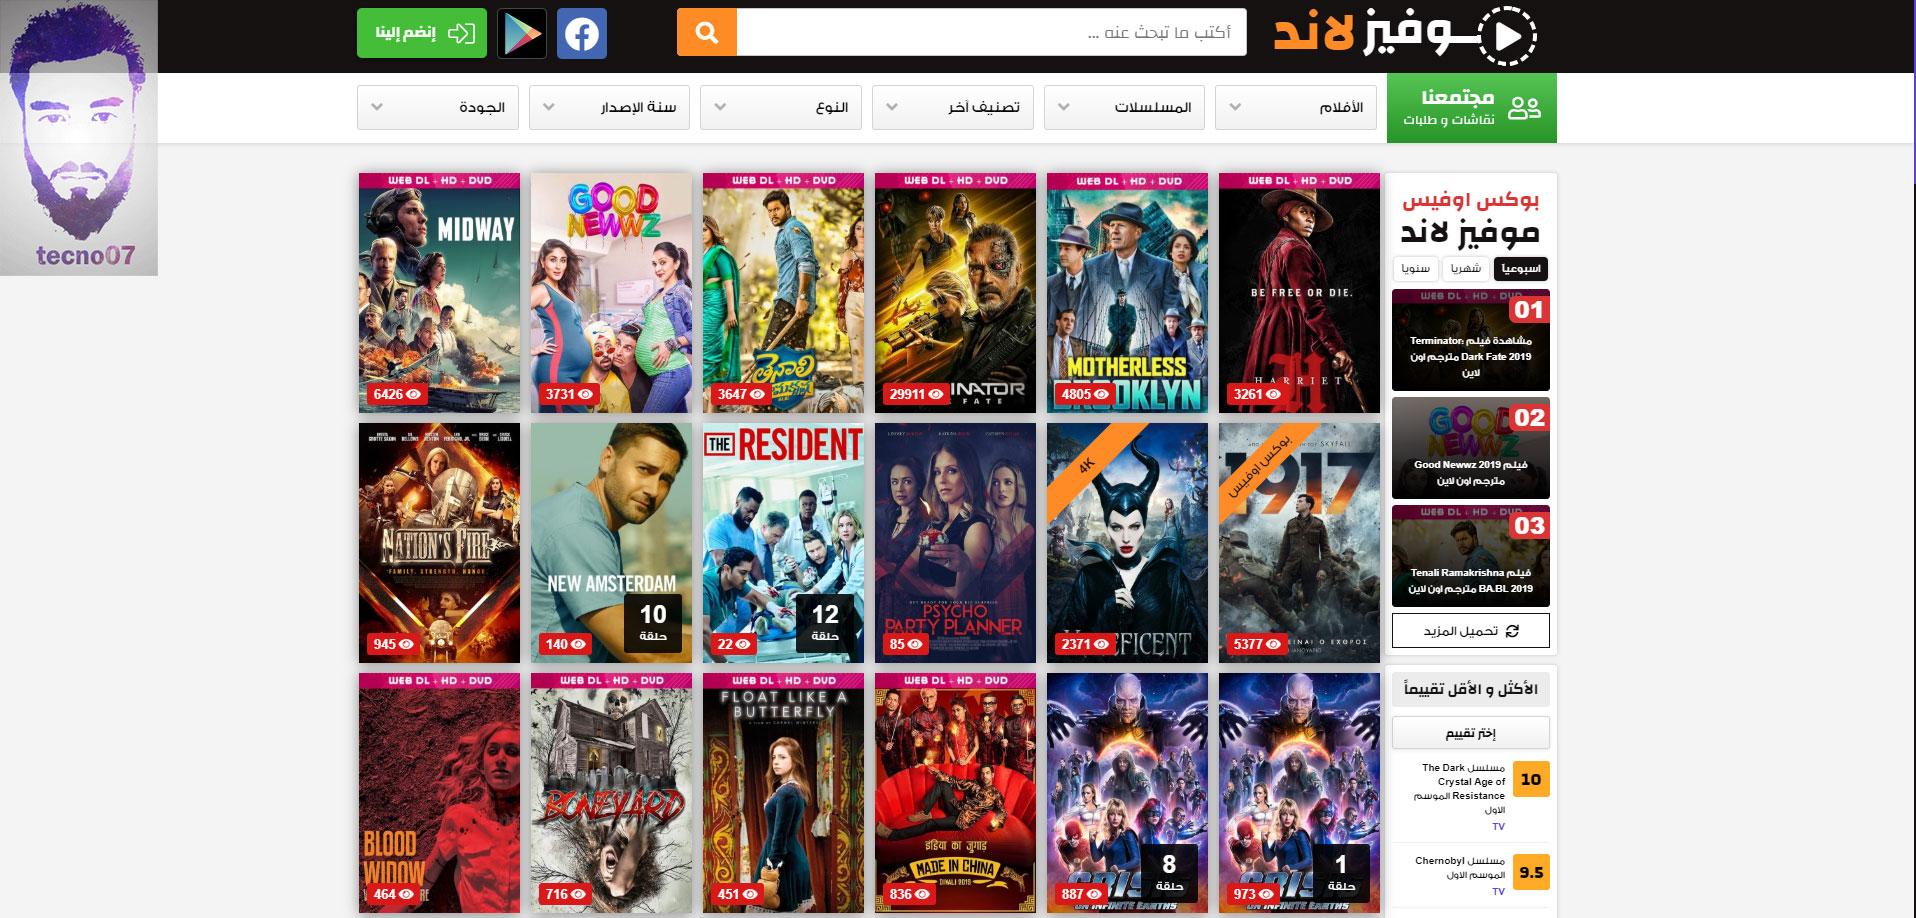 موقع موفيز لاند لمشاهدة الأفلام والمسلسلات الأجبية